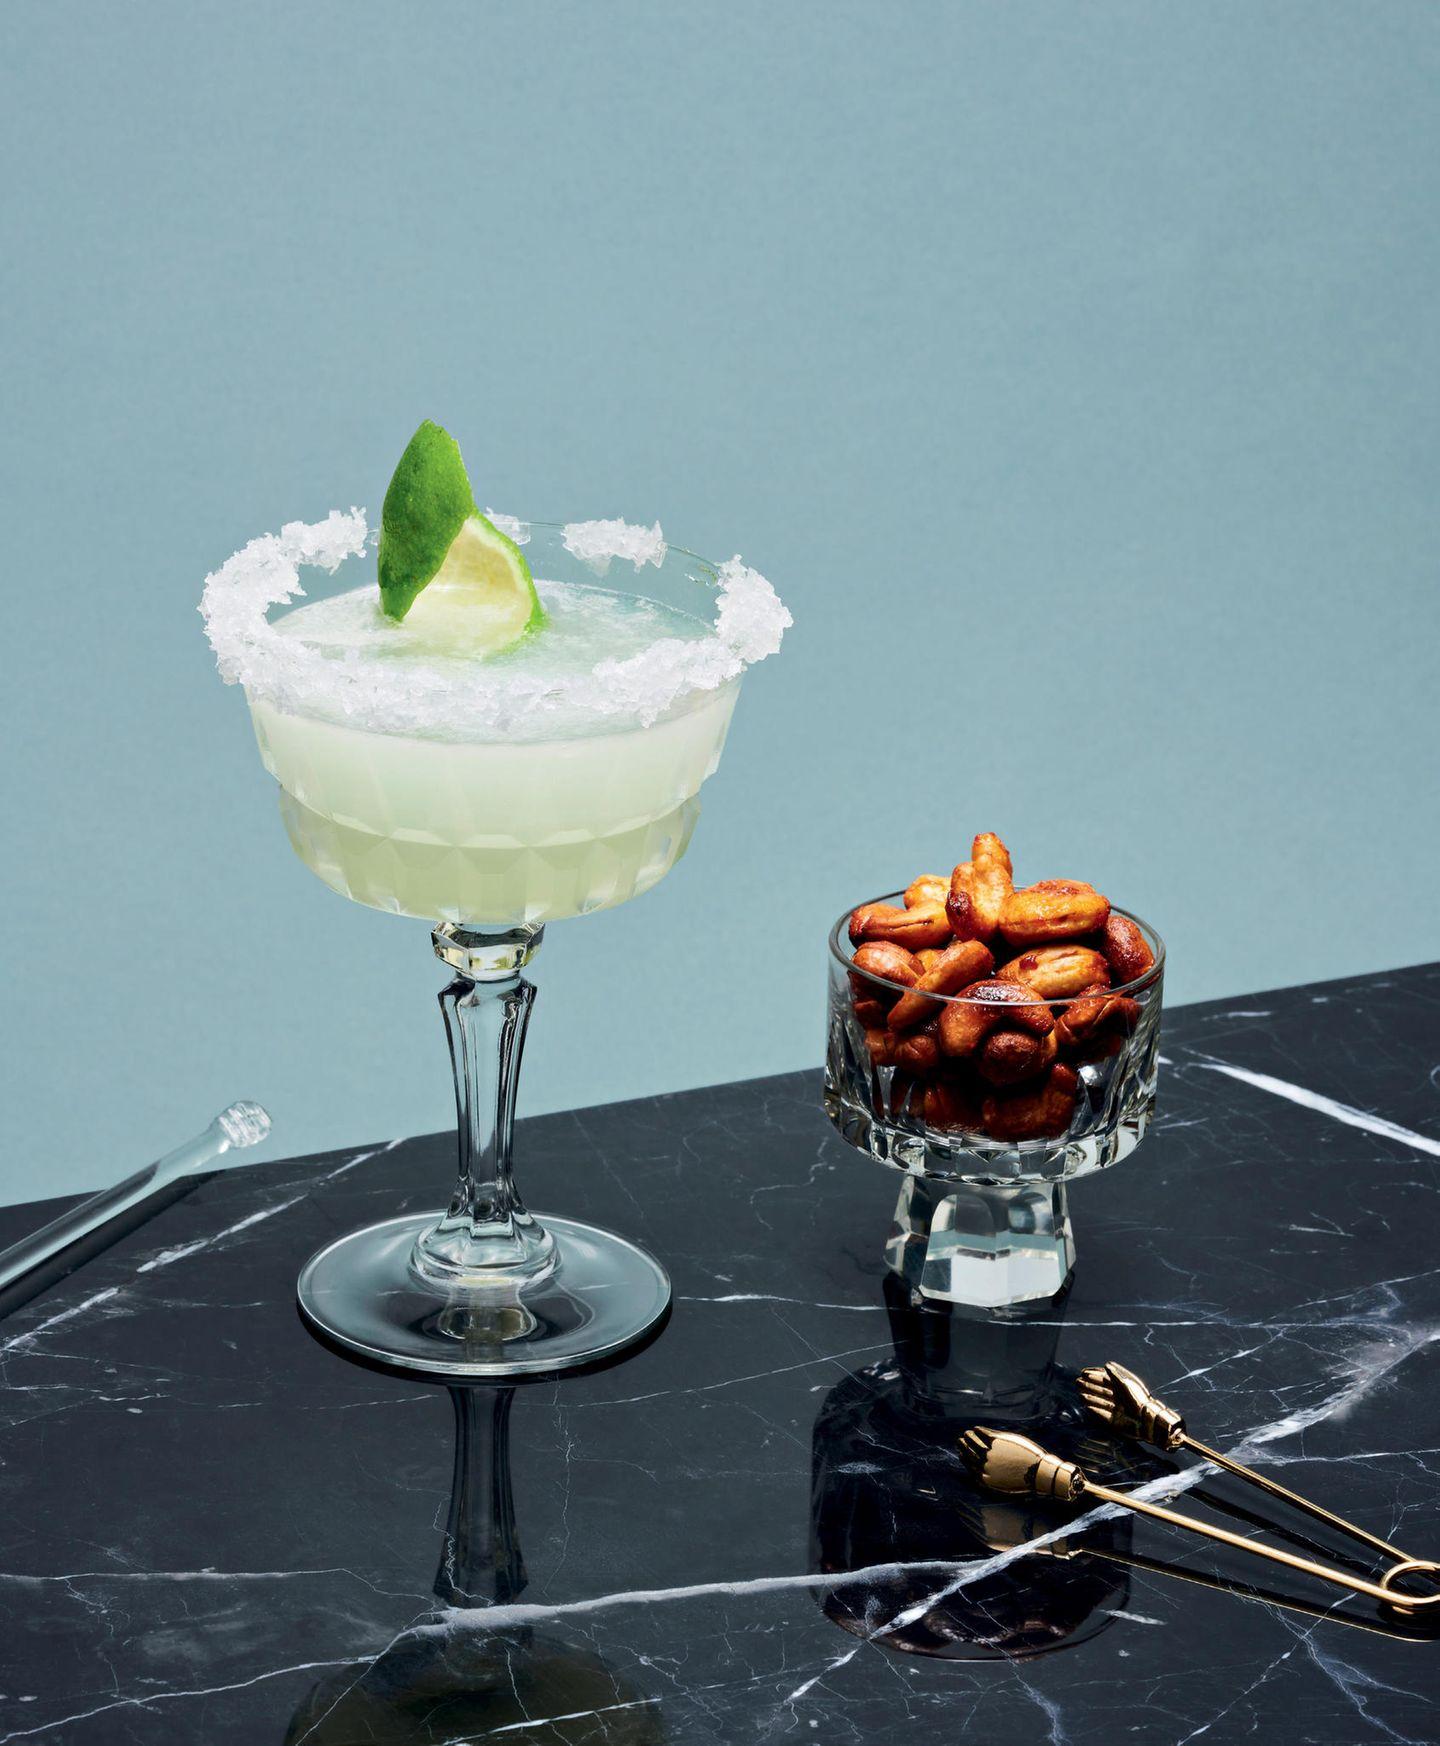 Margarita  für 1 Cocktail:  1 Limette  grobes Salz  6 cl weißer Tequila  2 cl Orangenlikör (z. B. Triple Sec oder Cointreau)  4 cl Limettensaft  gestoßene Eiswürfel  1. Den Rand eines gekühlten Cocktailglases mit einem Limettenschnitz einreiben und in das grobe Salz tauchen. Den Salzrand fest werden lassen.  2. Tequila, Orangenlikör und Limettensaft mit dem gestoßenen Eis in einem Shaker mixen.  3. In das vorbereitete Glas abseihen und mit Limettenschale oder -schnitz dekorieren.  Curry-Cashewkerne  für 4 Personen:  150 ml Ahornsirup  1 EL rote Currypaste  150 ml Wasser  250 g Cashewkerne  1. Ahornsirup, Currypaste und Wasser mit einem Stabmixer fein pürieren.  2. Die Cashewkerne in eine Schüssel füllen und mit dem Curryfond auffüllen.  3. Die Kerne mindestens 4 Stunden ziehen lassen, am besten 24 Stunden.  4. Den Ofen auf 140 °C Umluft vorheizen.  5. Die Kerne abgießen, auf ein mit Backpapier ausgelegtes Backblech geben und ca. 1,5 Stunden im Ofen trocknen lassen.  6. Nach dem Backen die fertigen Kerne auskühlen lassen und luftdicht verpacken.  Hinweis: Luftdicht verpackt halten die Kerne bis zu 2 Wochen.  Zubereitungszeit: 10 Minuten + Warte- und Backzeit